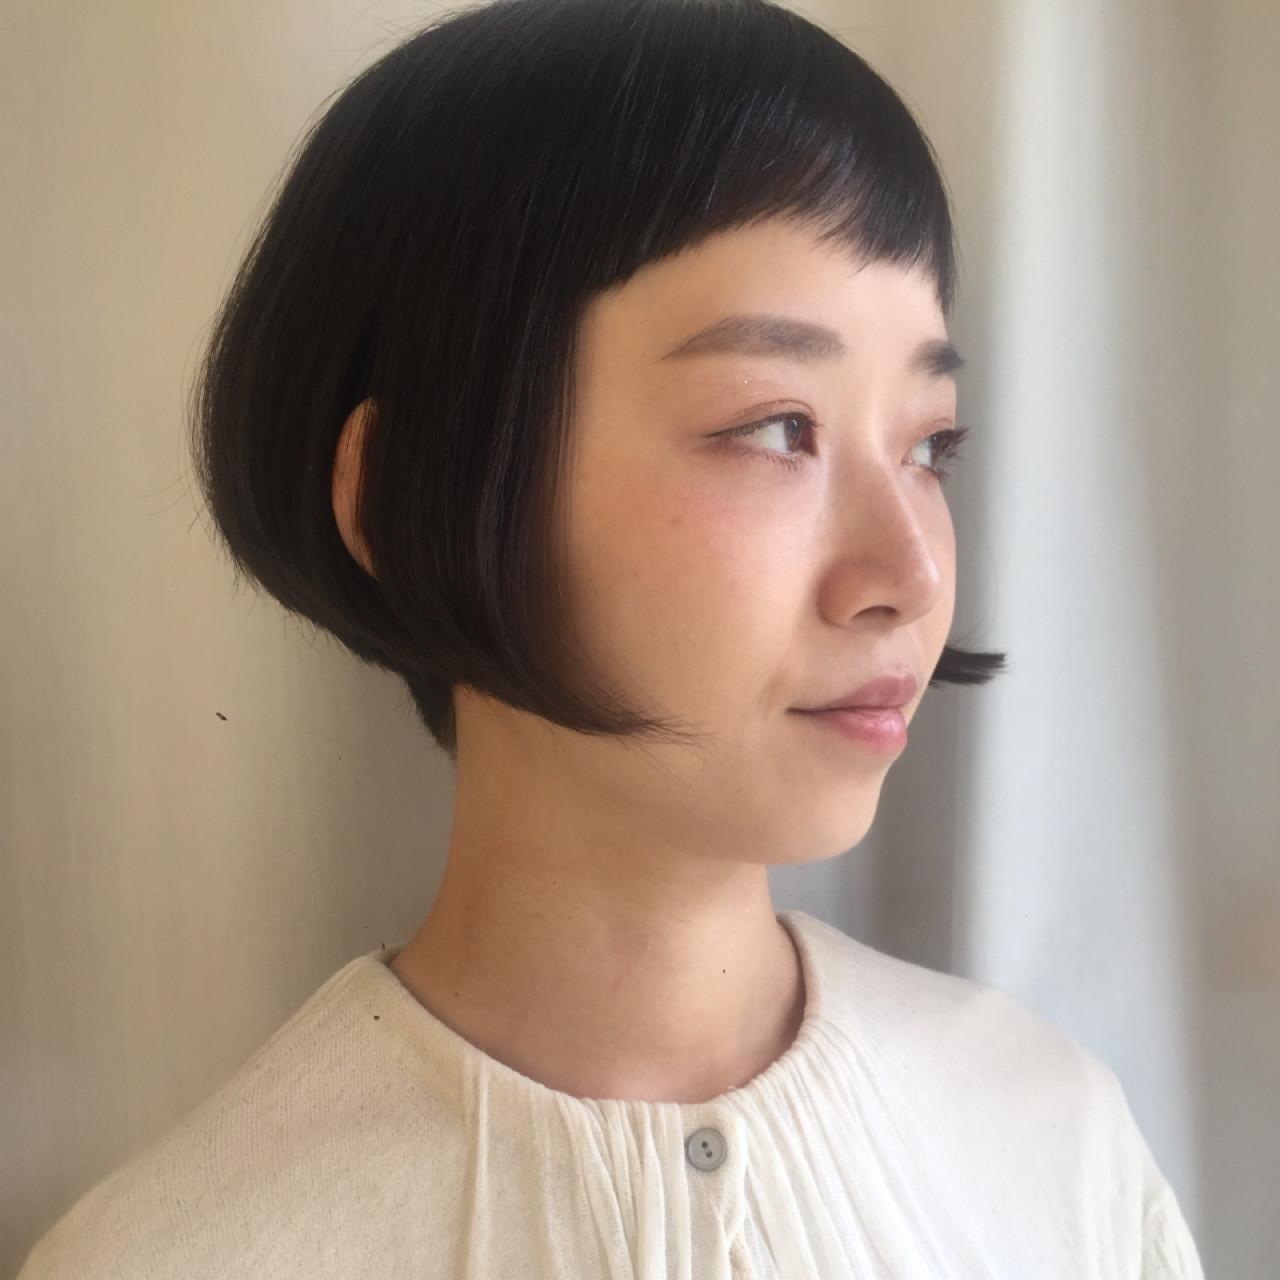 オン眉でつくる美シルエット刈り上げボブ 岩城 浩子